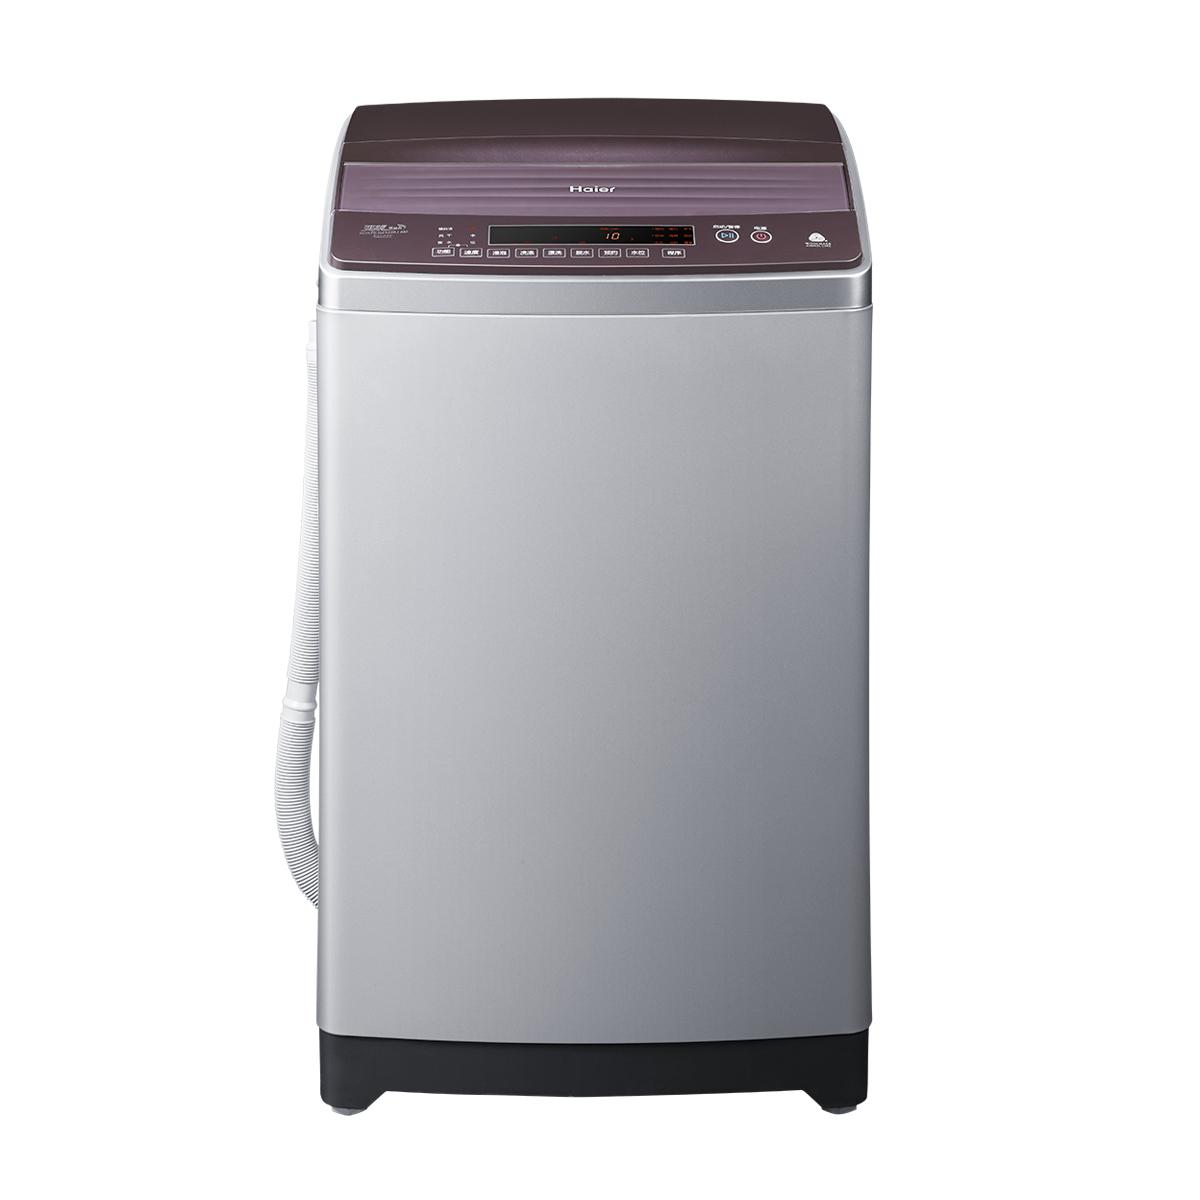 海尔Haier洗衣机 XQS75-BZ1226J(AM) 说明书